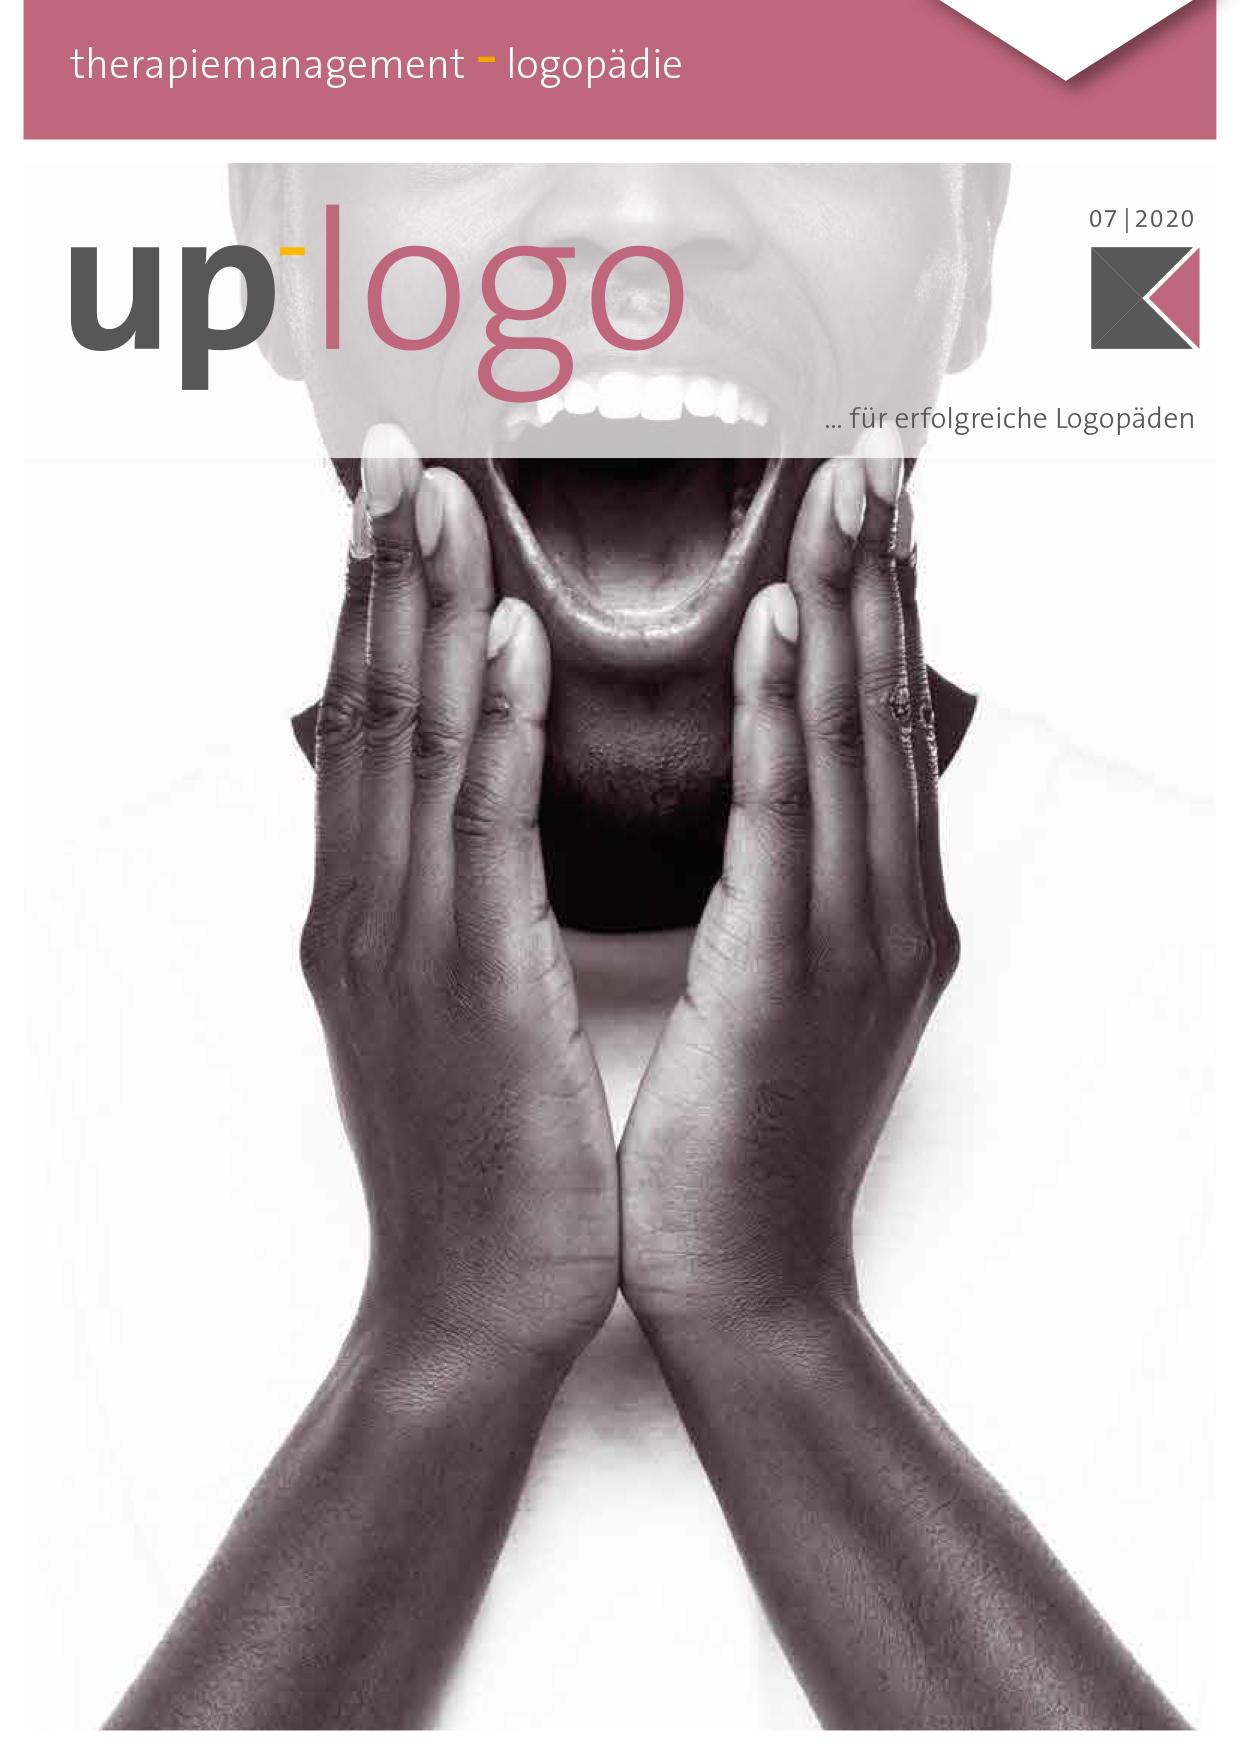 up_logo 07/2020